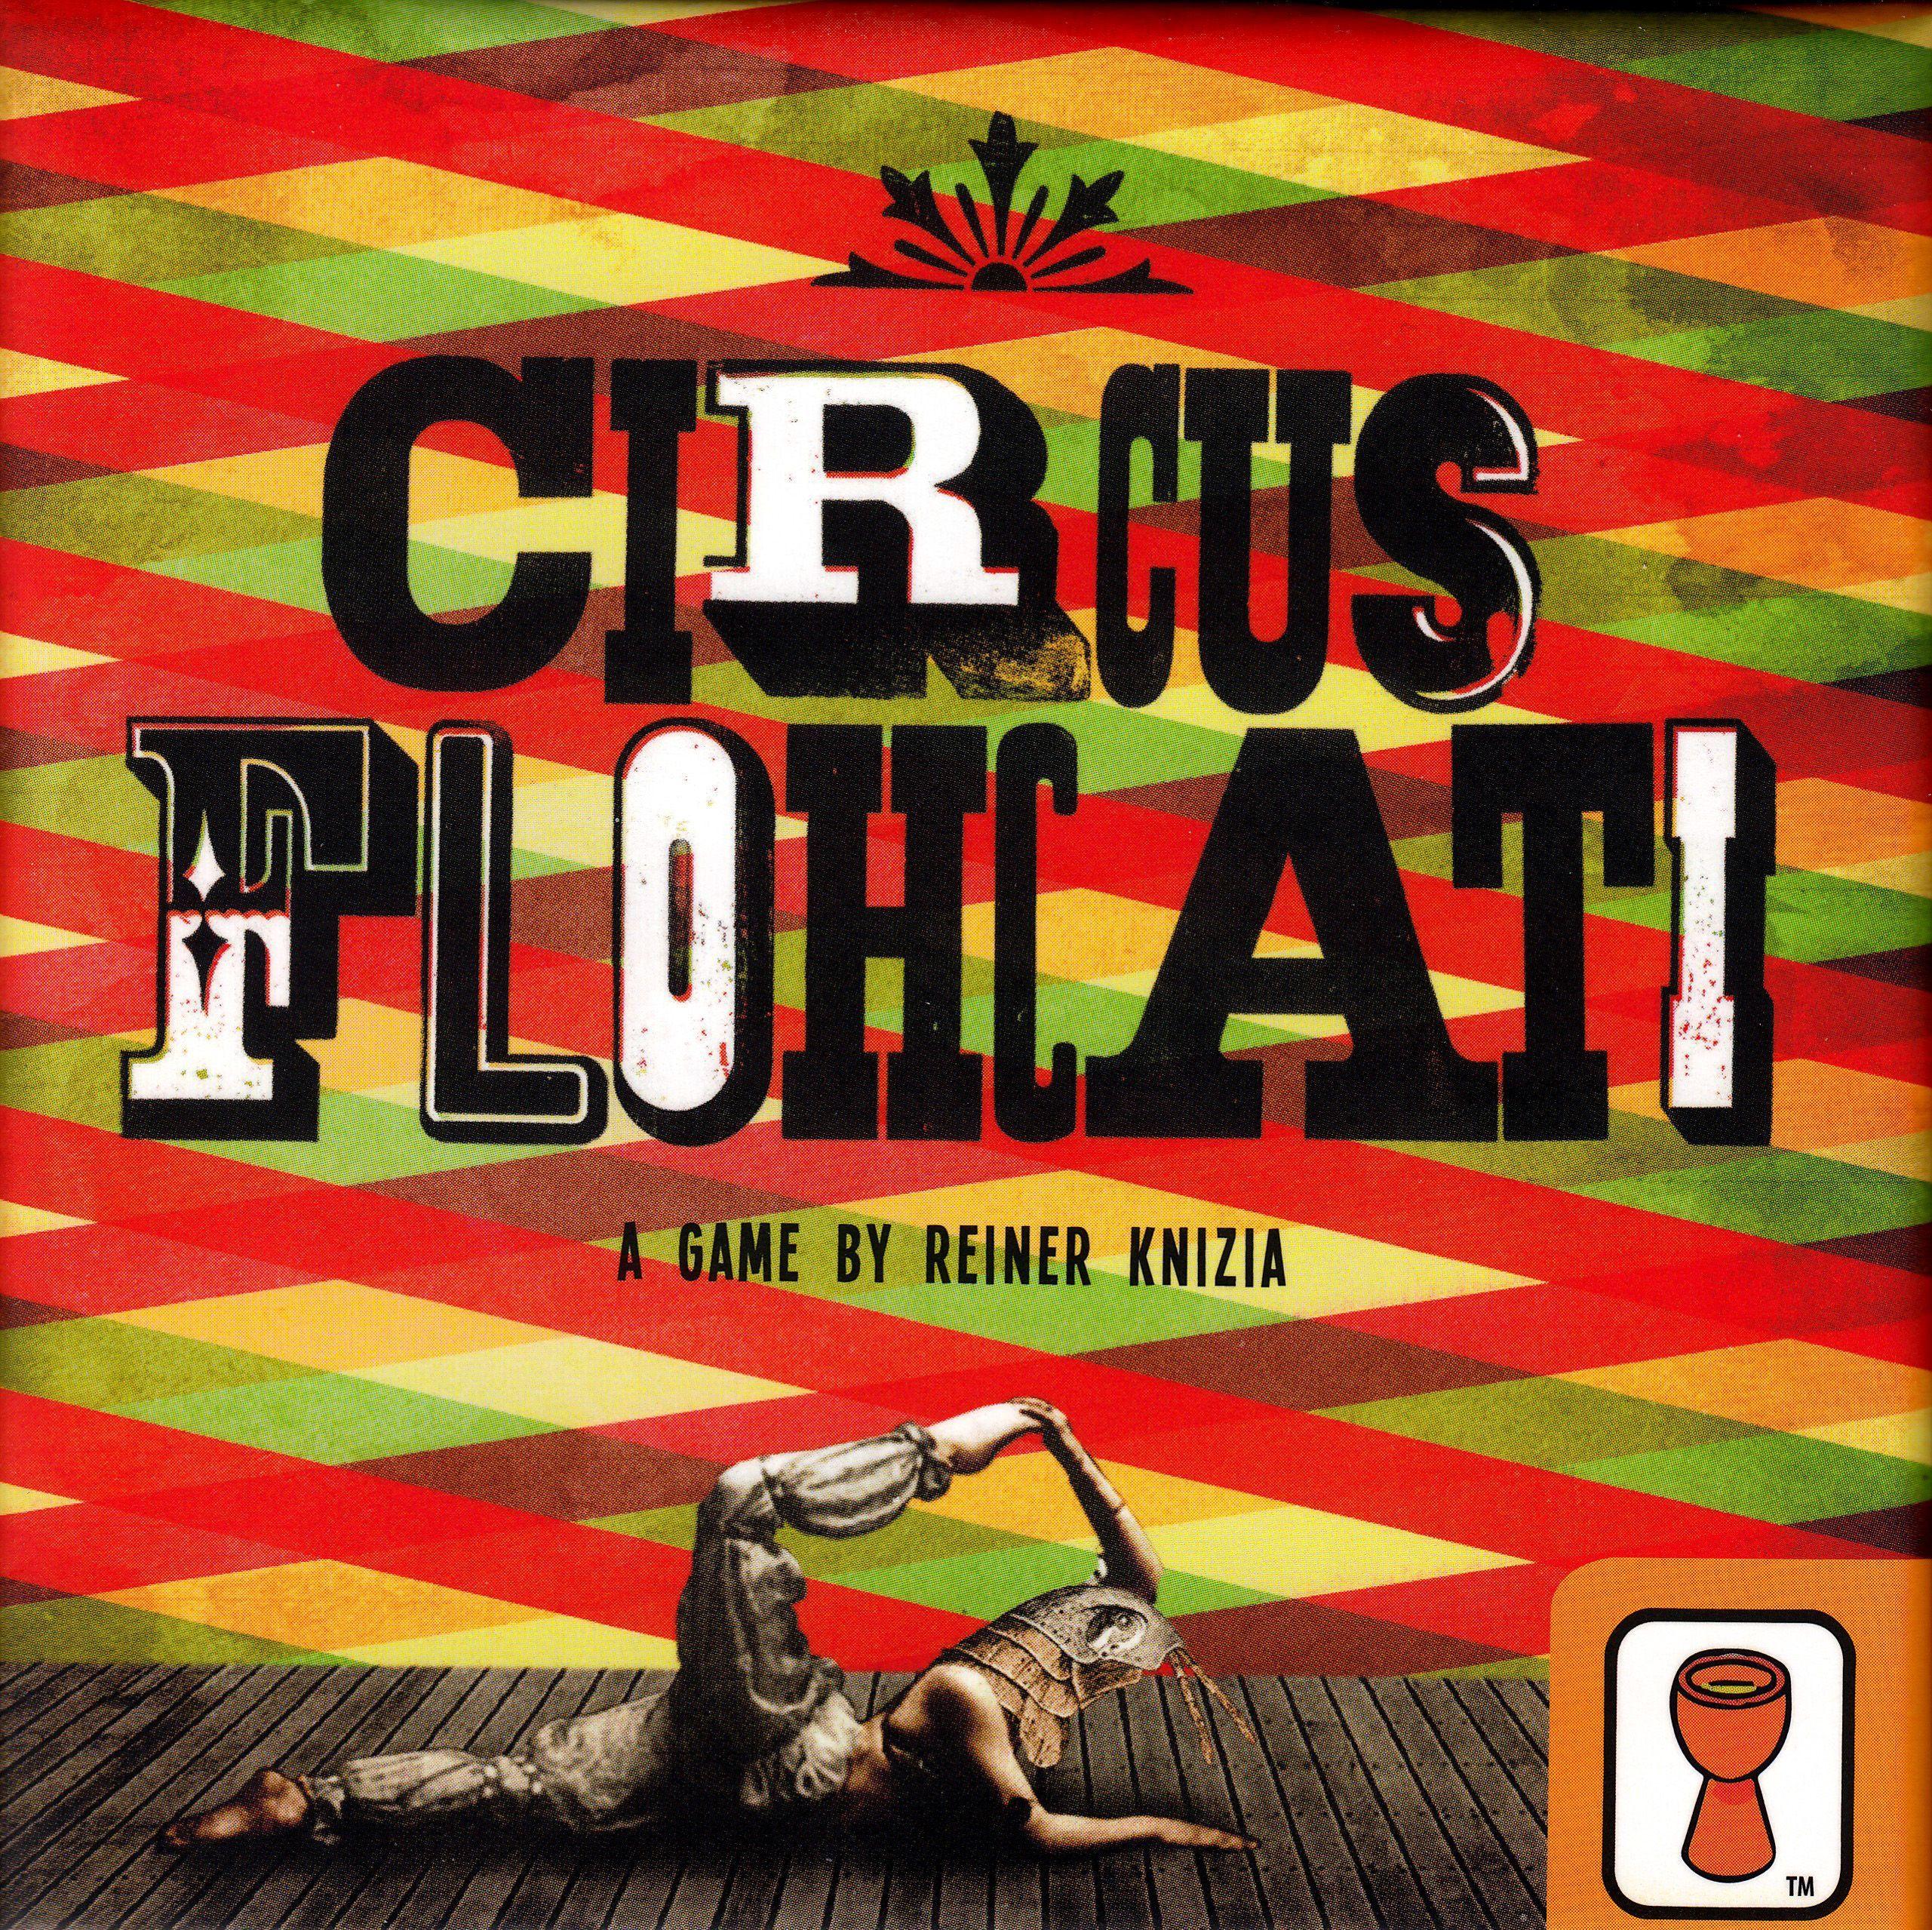 Circus Flohcati